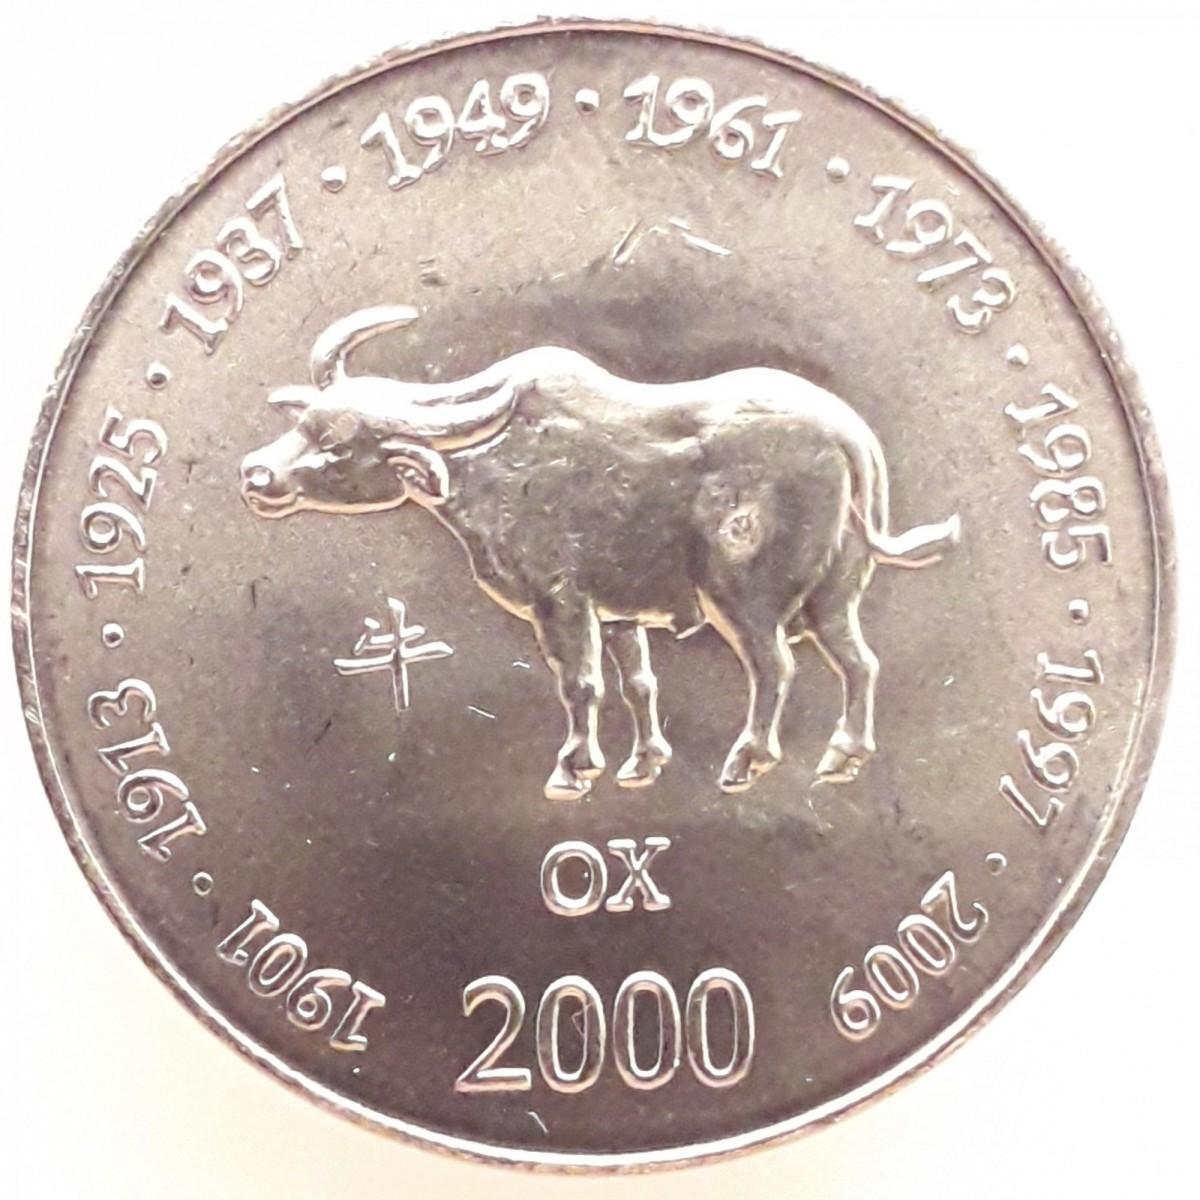 Сомали 10 шиллингов 2000 года - год Быка код 22624